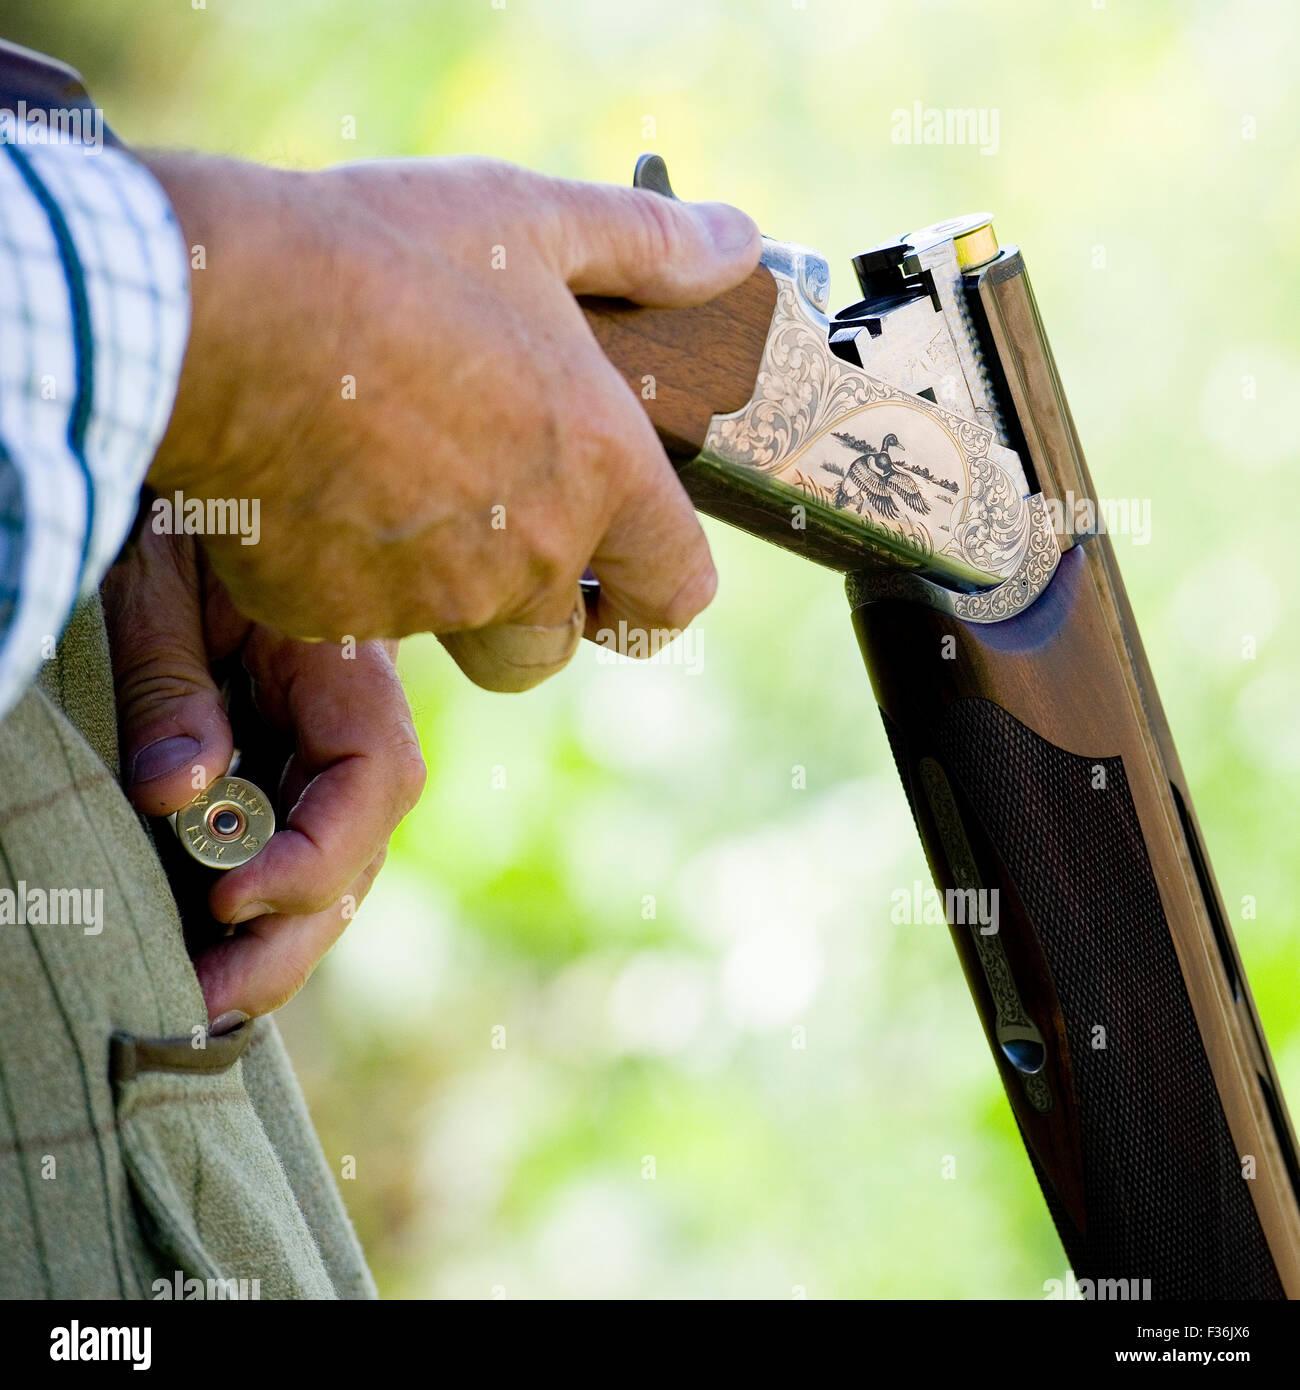 man loading shotgun - Stock Image